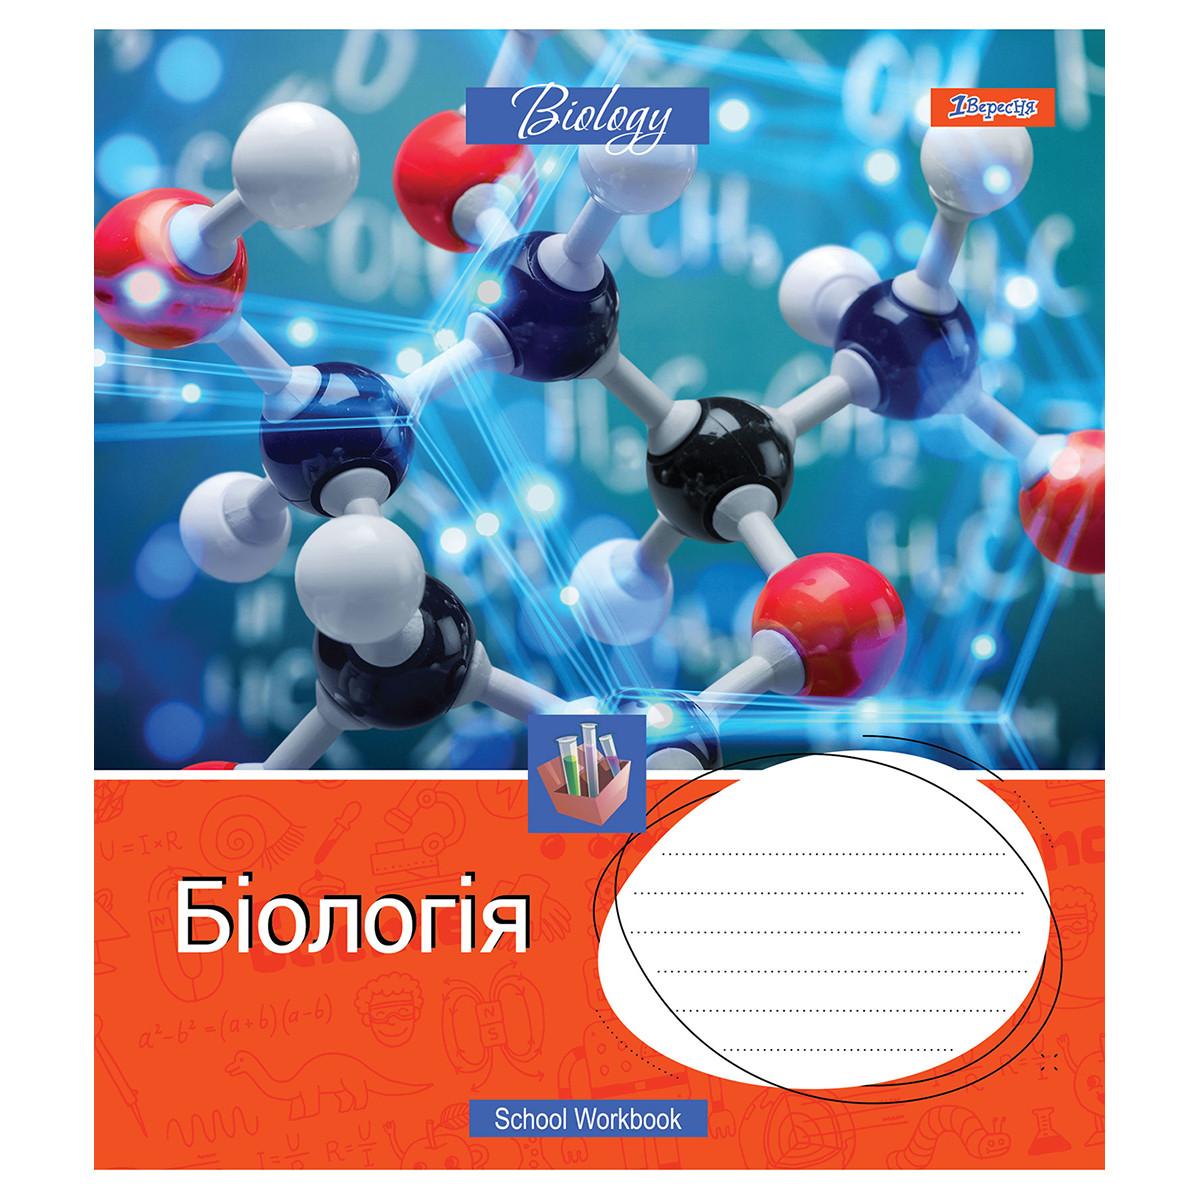 Тетрадь для записей А5/48 кл. 1В БИОЛОГИЯ (Workbook) выб.гибрид.лак